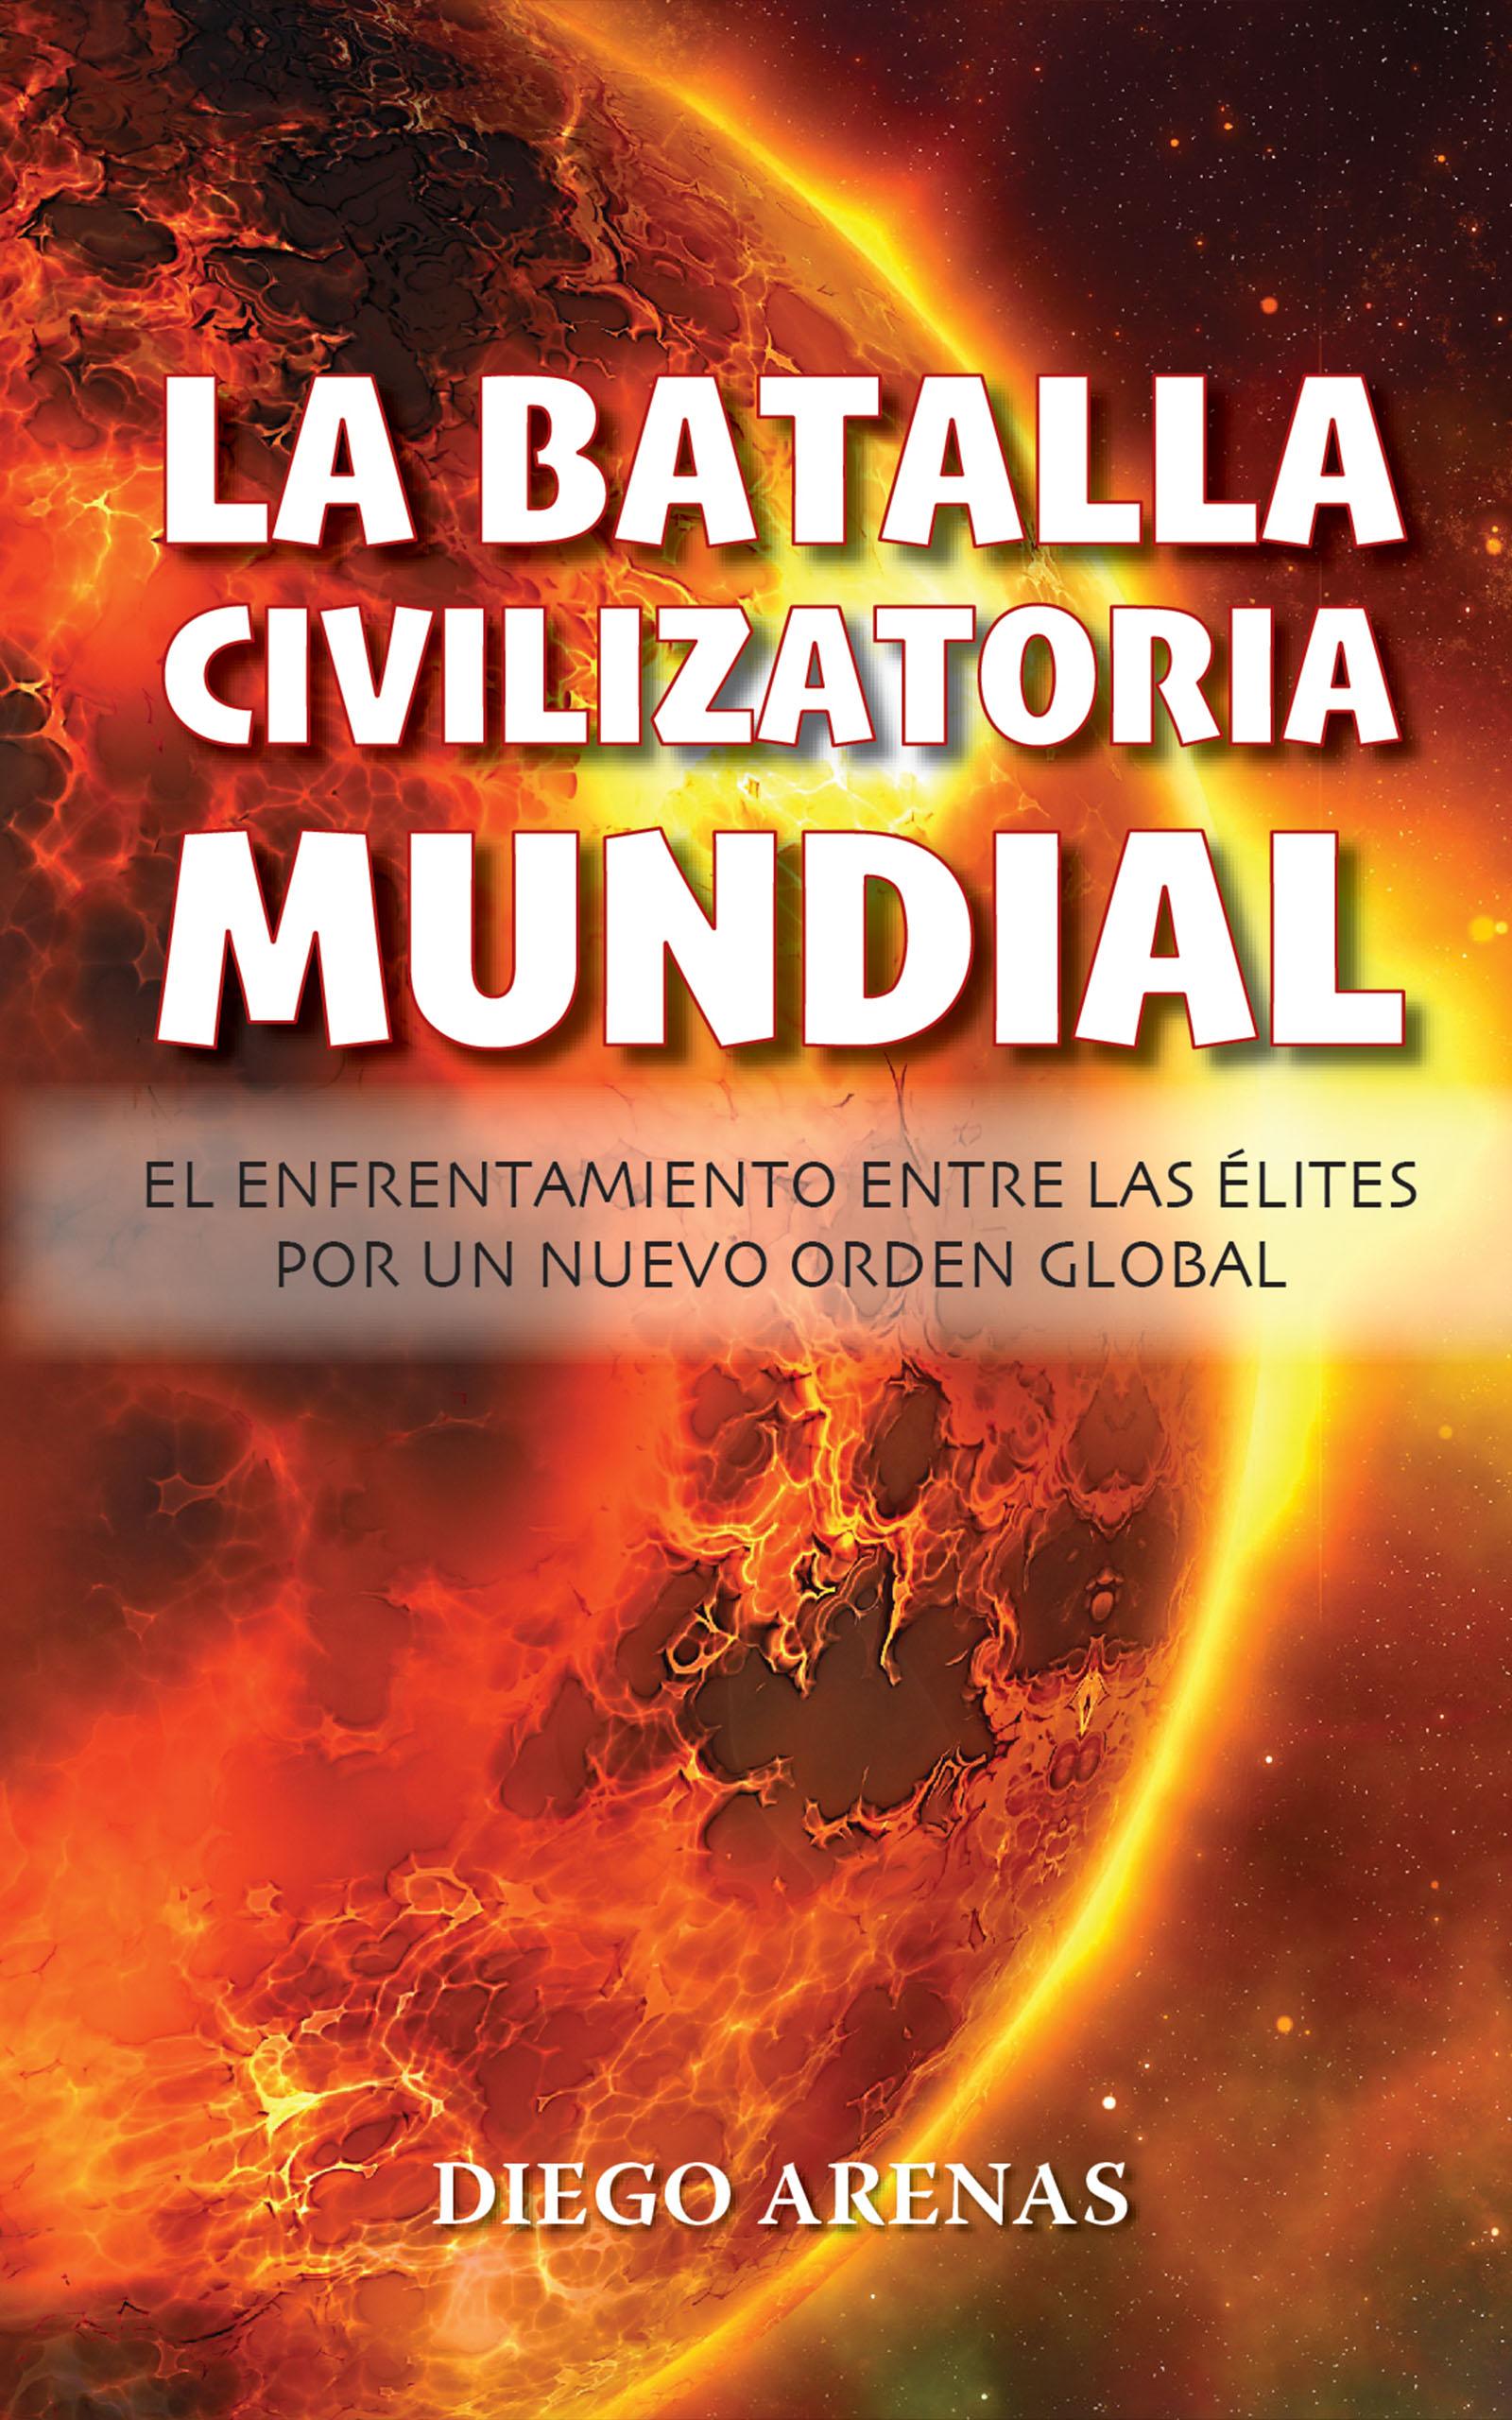 La batalla civilizatoria mundial, de Diego Arenas